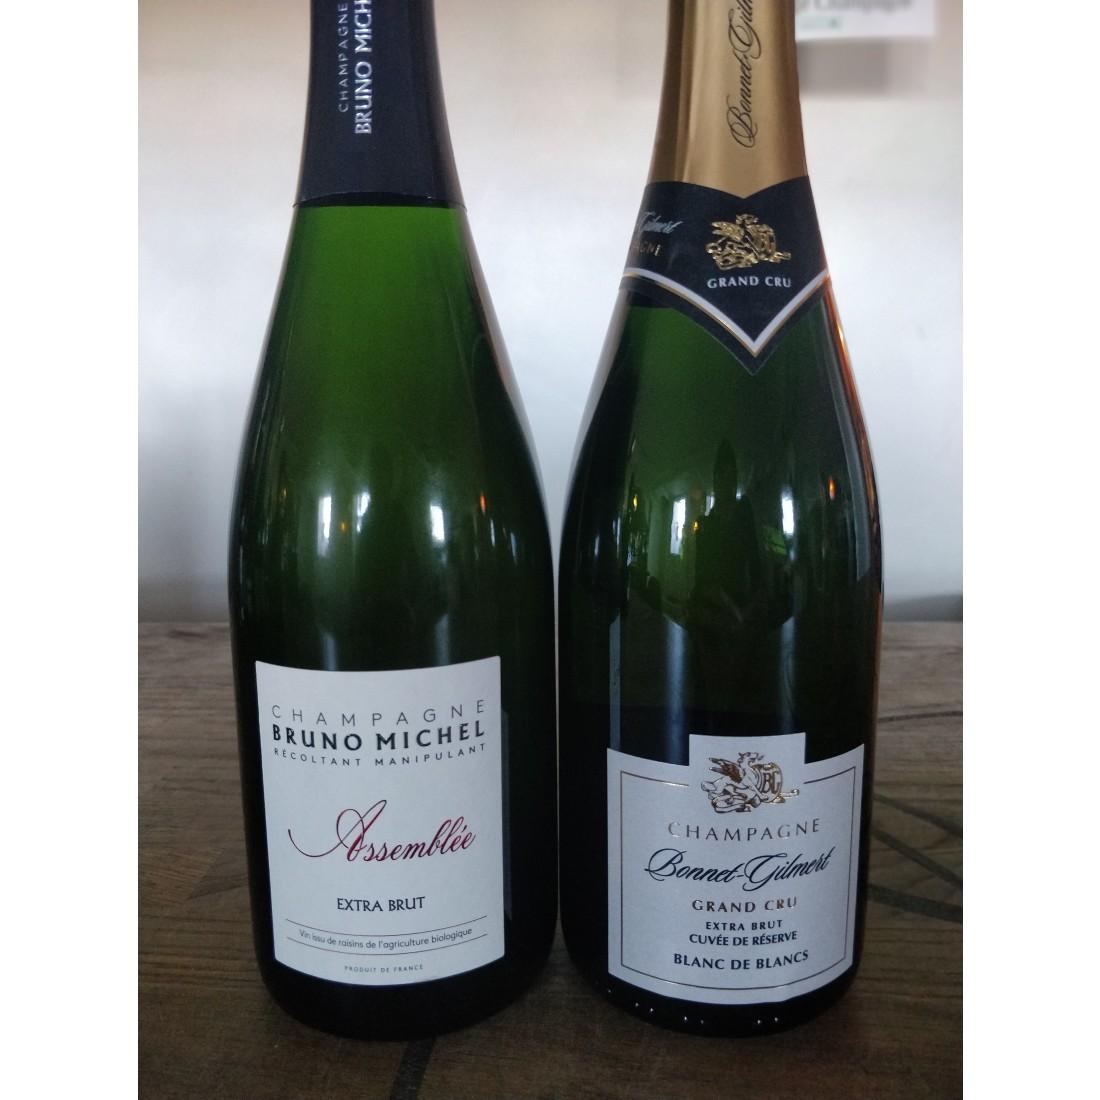 Pakke 2 Extra brut champagner-34